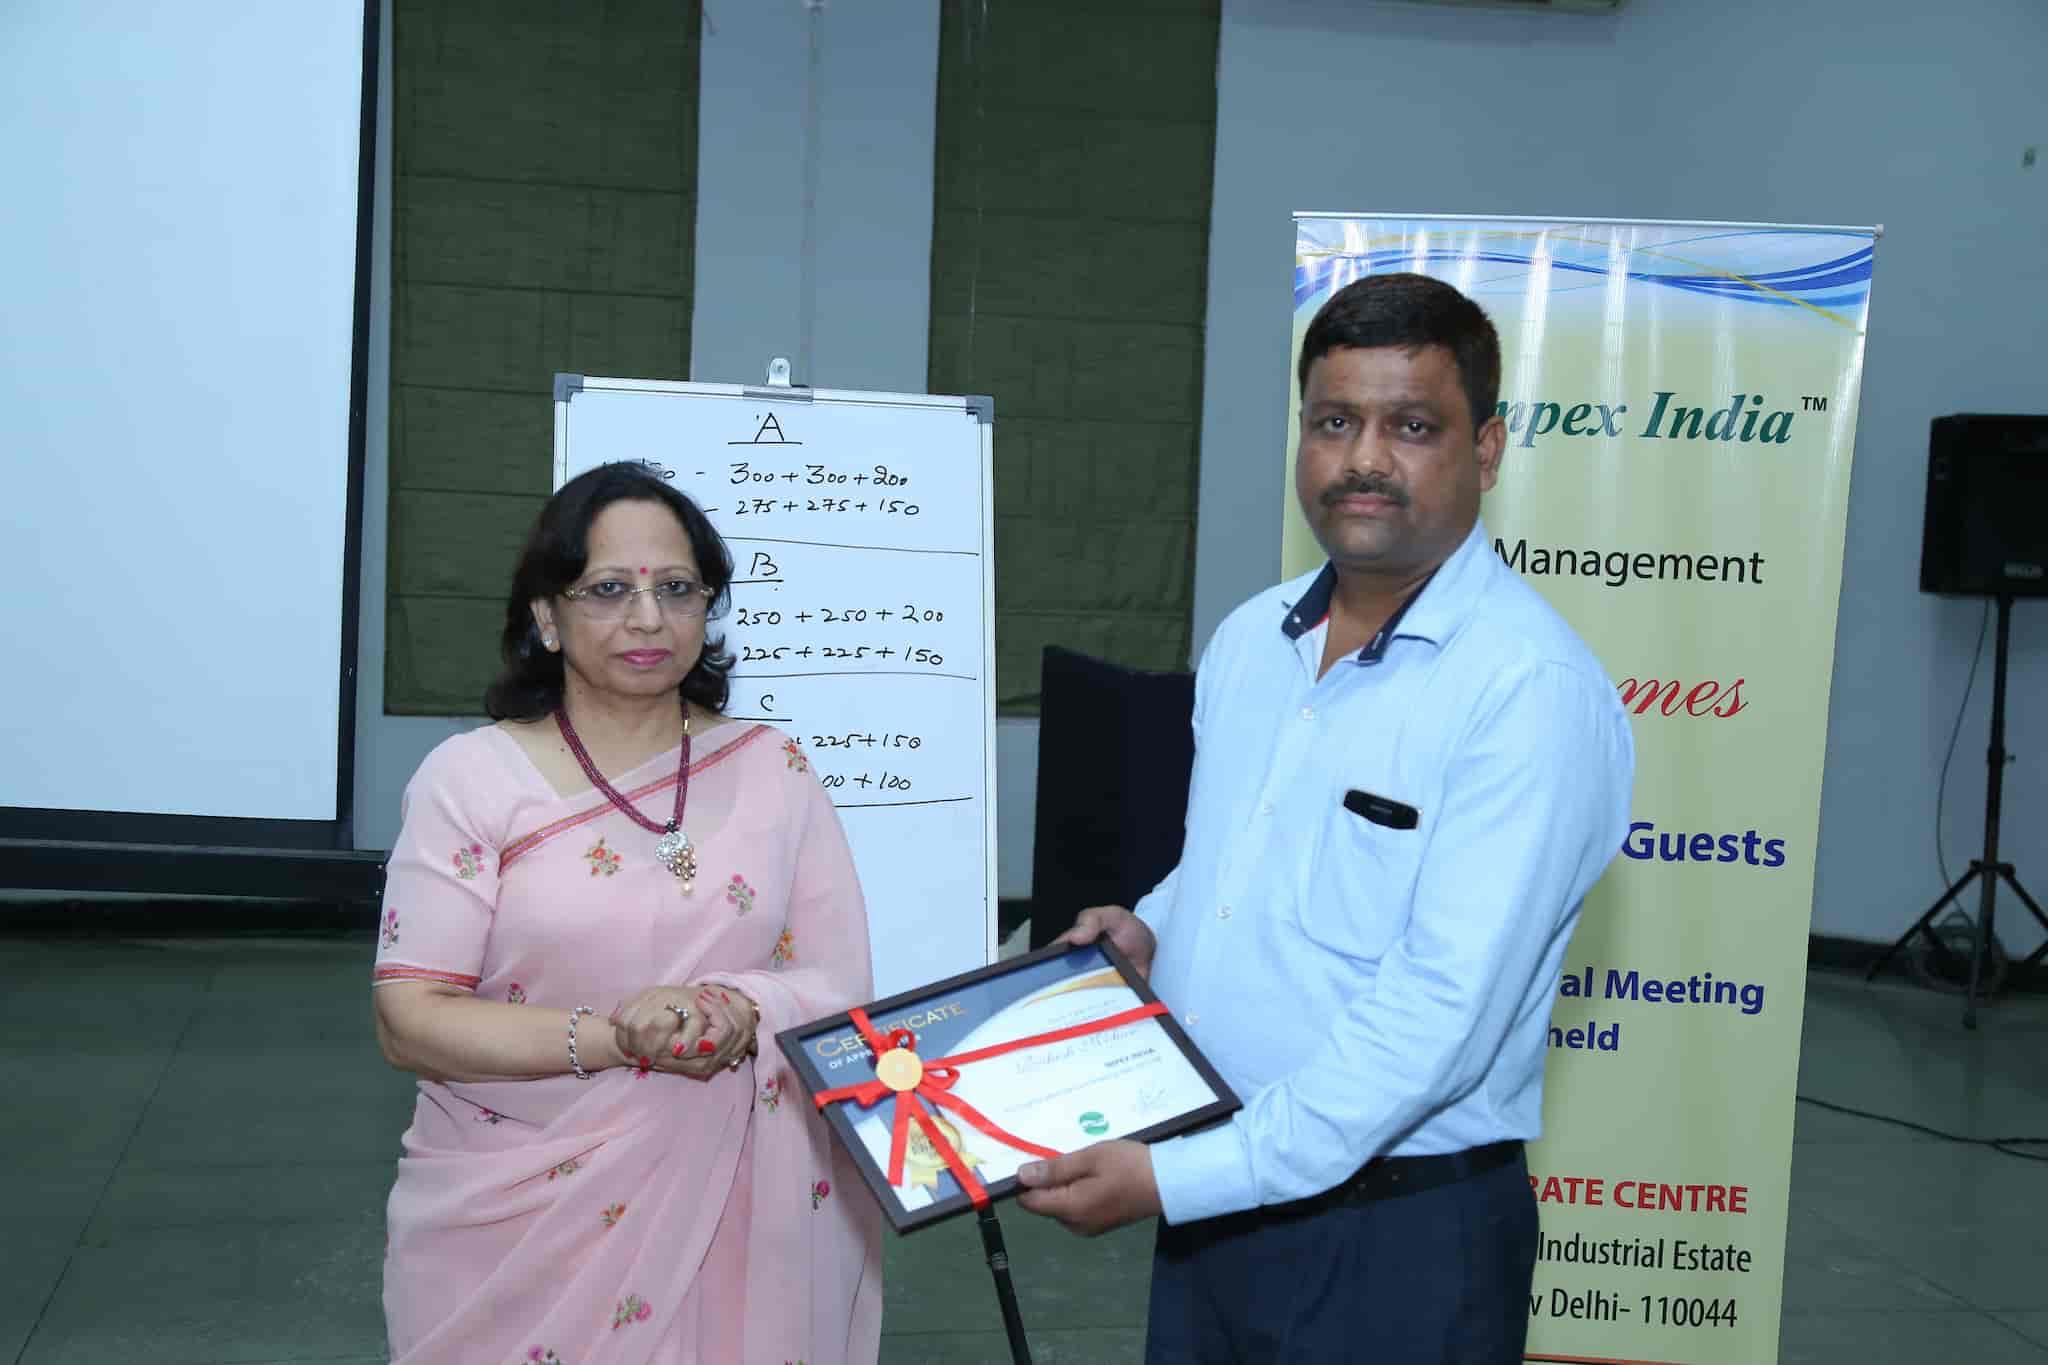 Impex India, Yusuf Sarai green Park - Cancer Medicine Retailers in